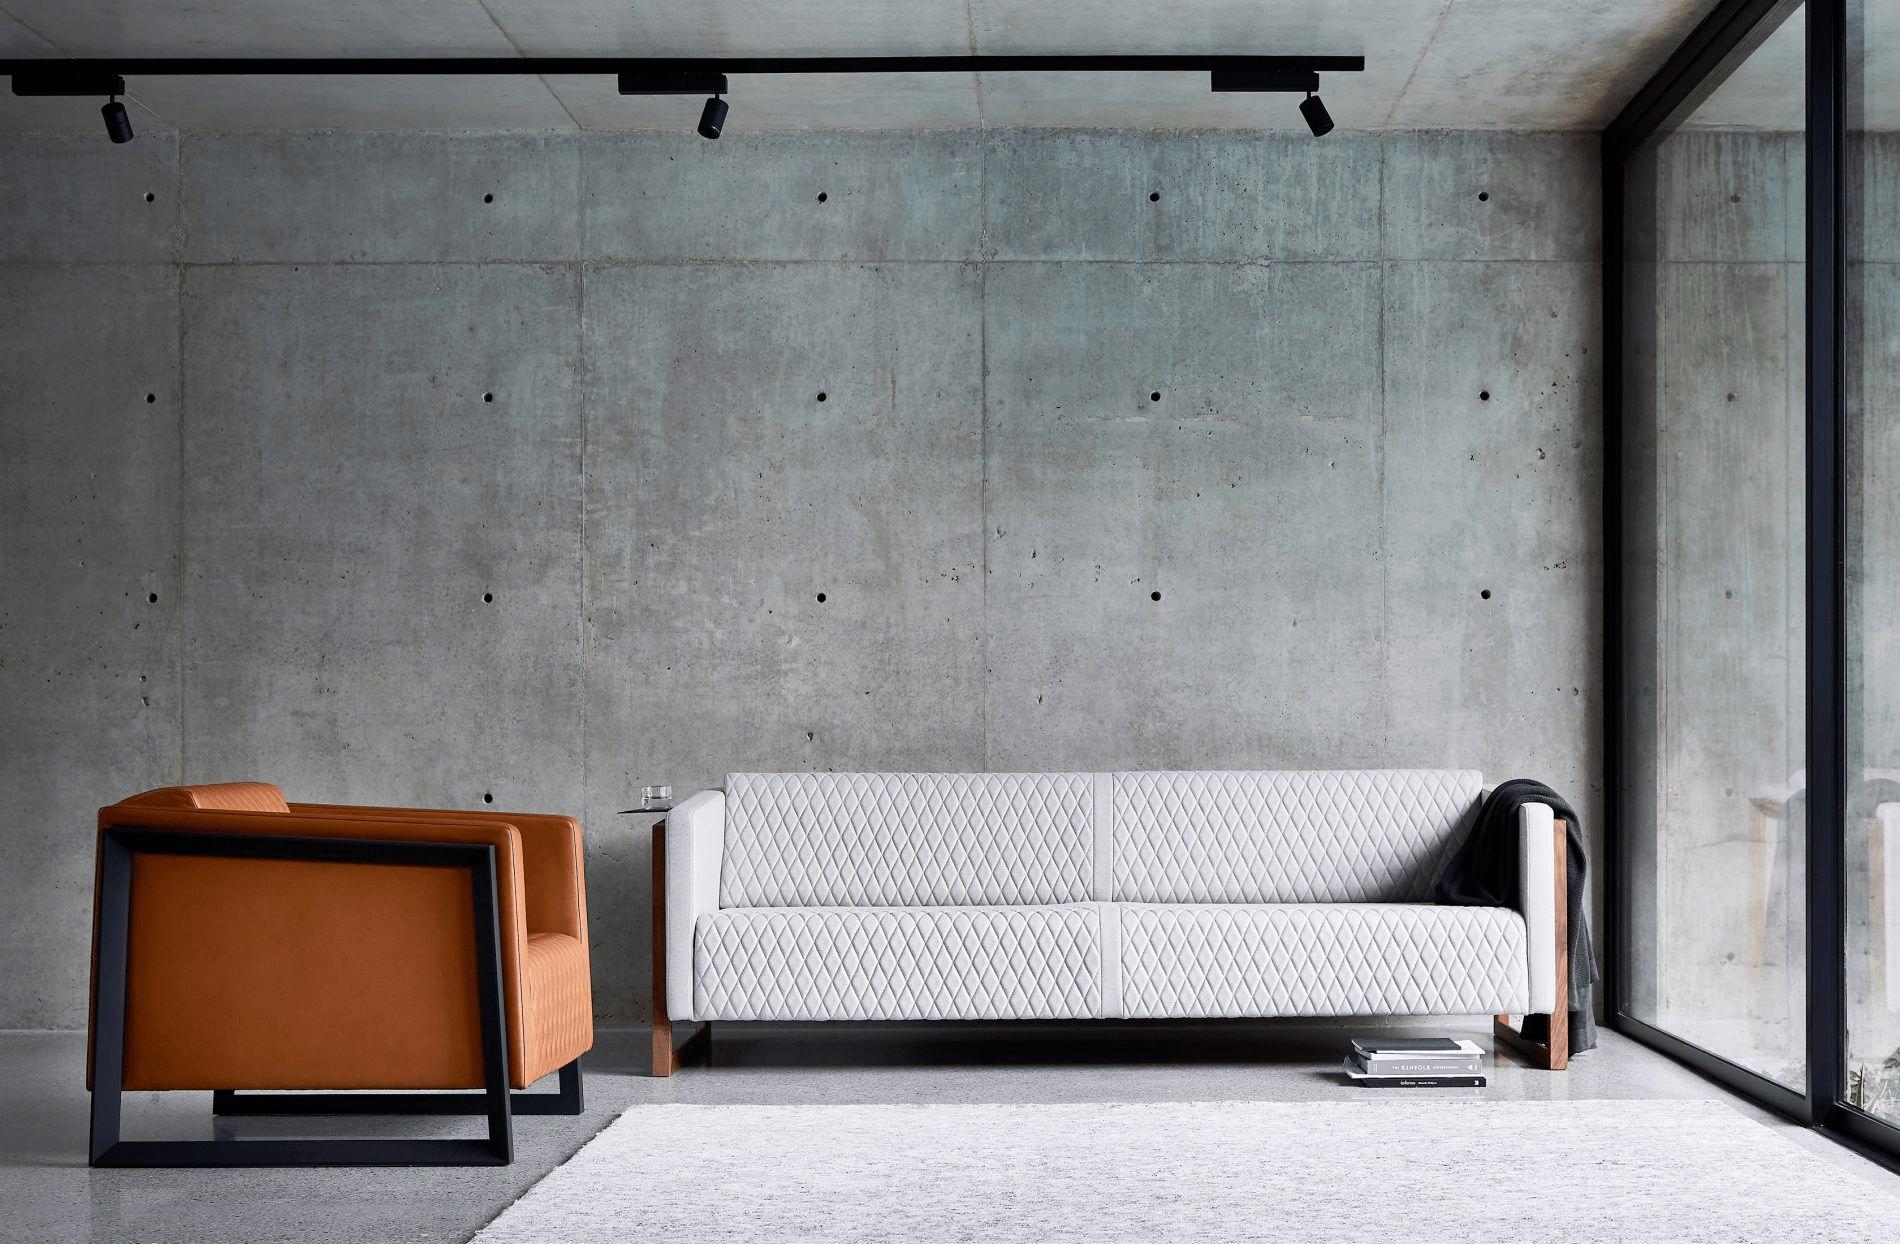 Gallery Of Mena Sofa By Franco Crea Local Australian Furniture Designer & Maker Richmond, Melbourne Image 2